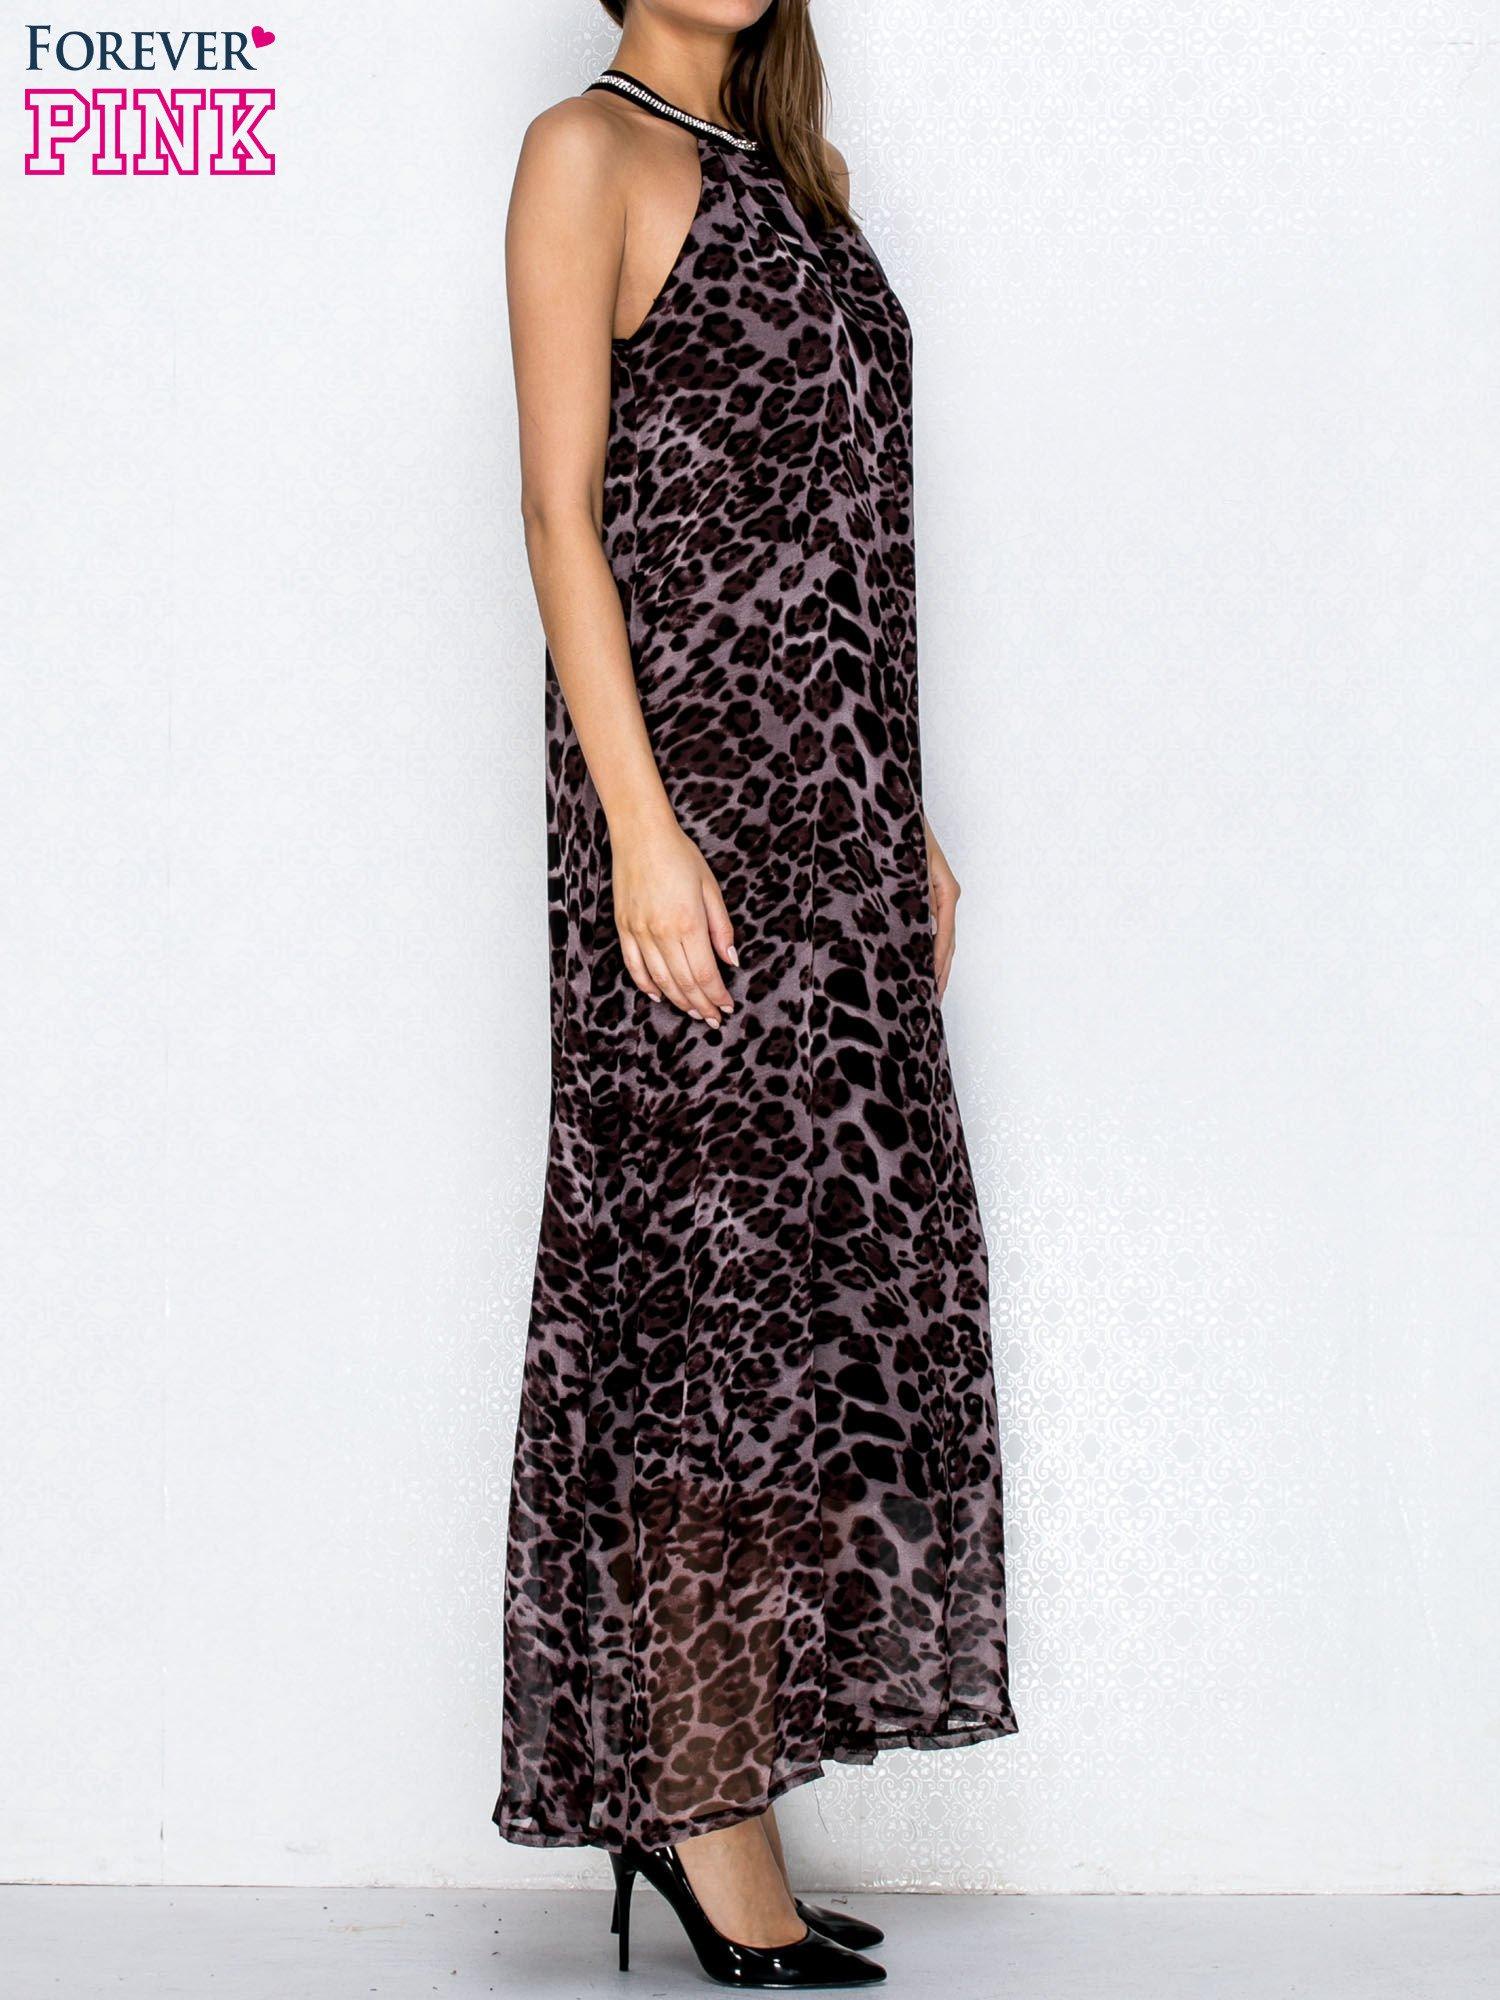 Fioletowa sukienka maxi w panterę z biżuteryjnym dekoltem                                  zdj.                                  3